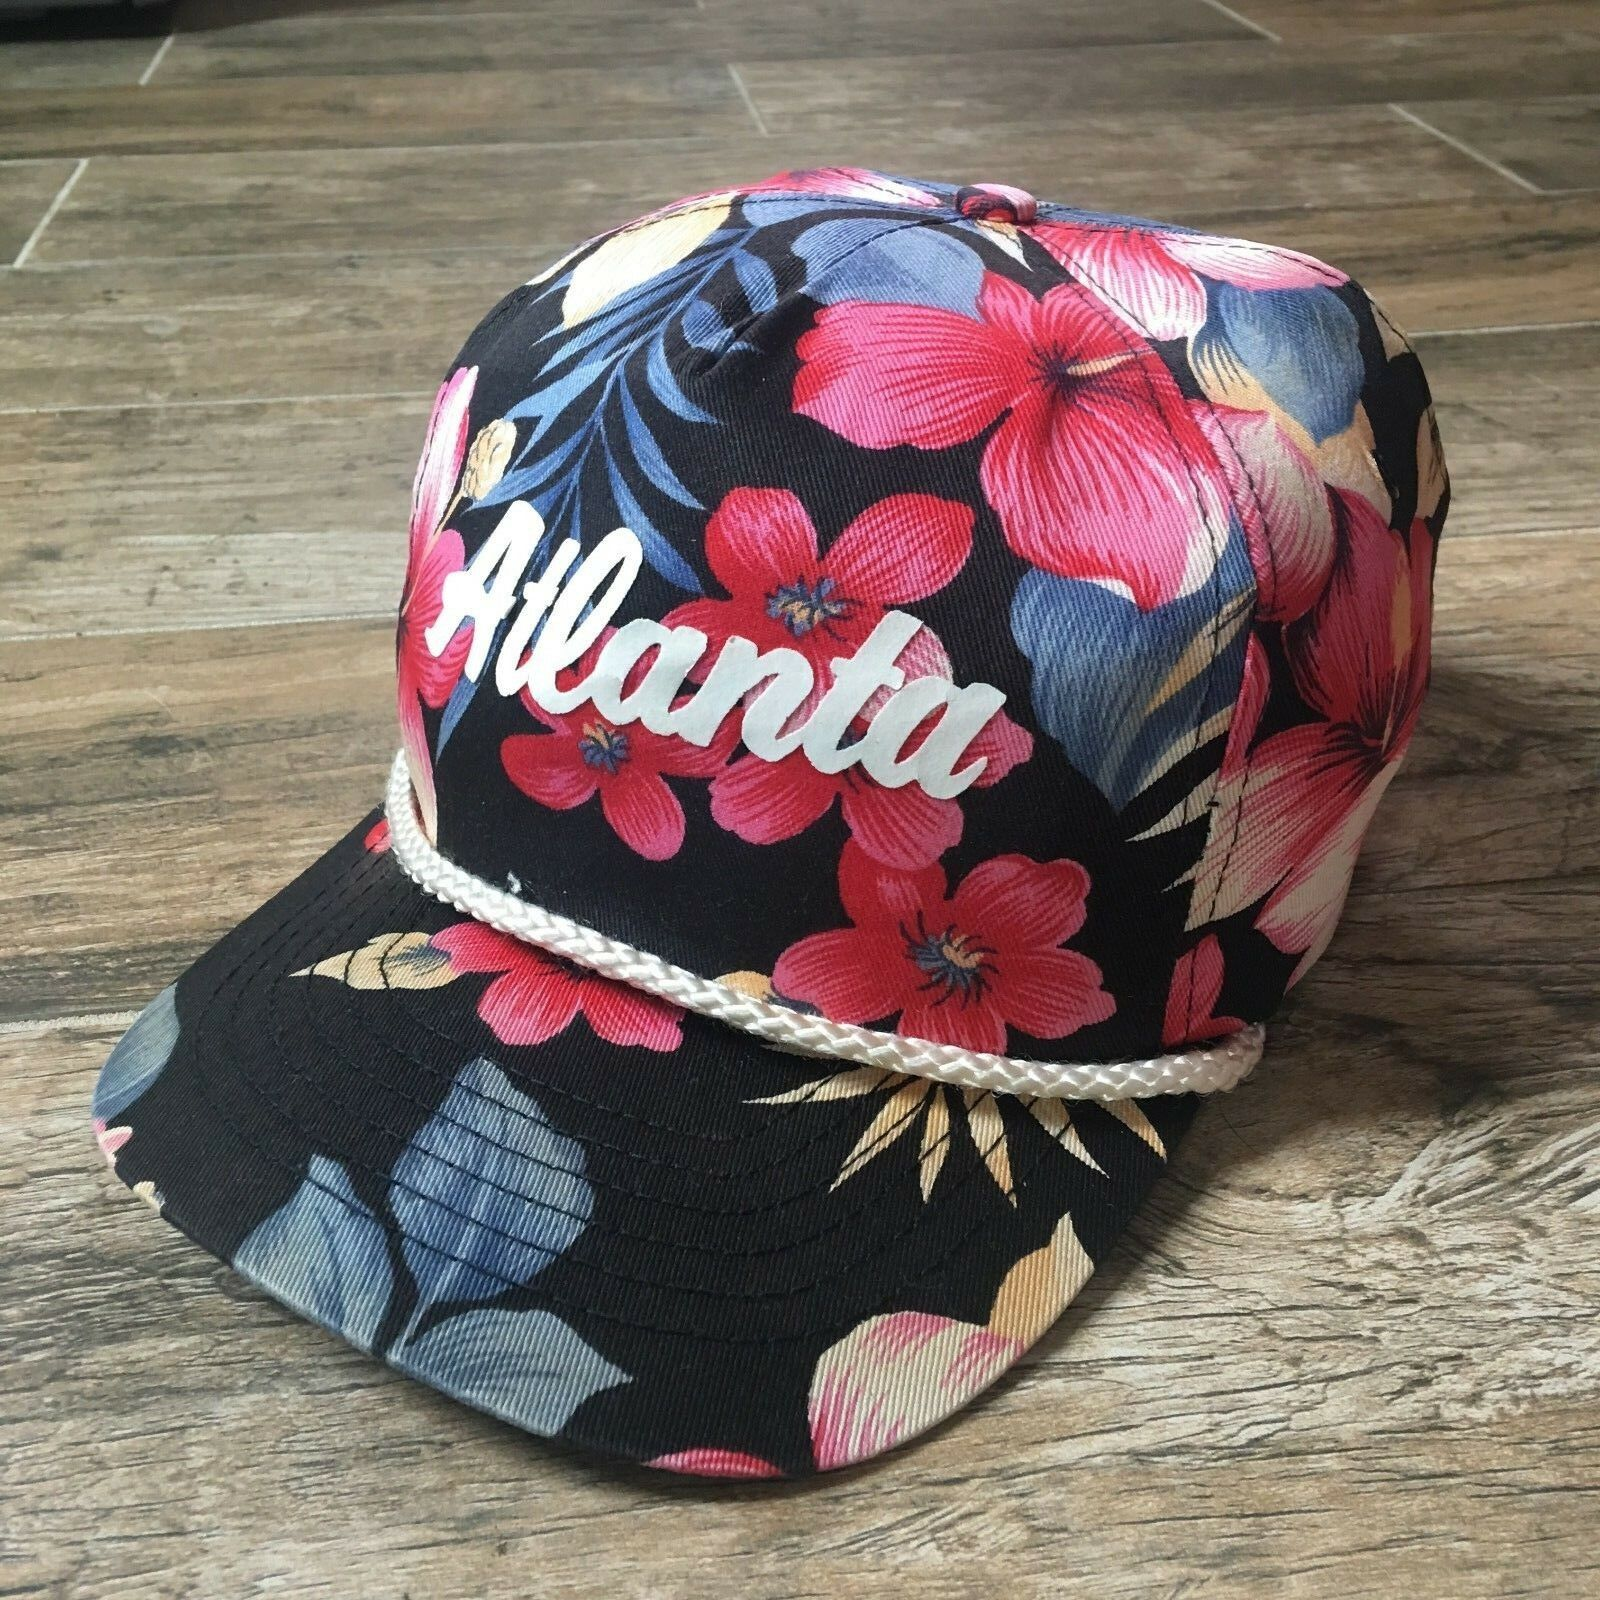 NWOT VTG 80s Atlanta Neon Floral PI All Over Rope MAGNUM PI Floral Cap Snapback Hat NOS 7985df